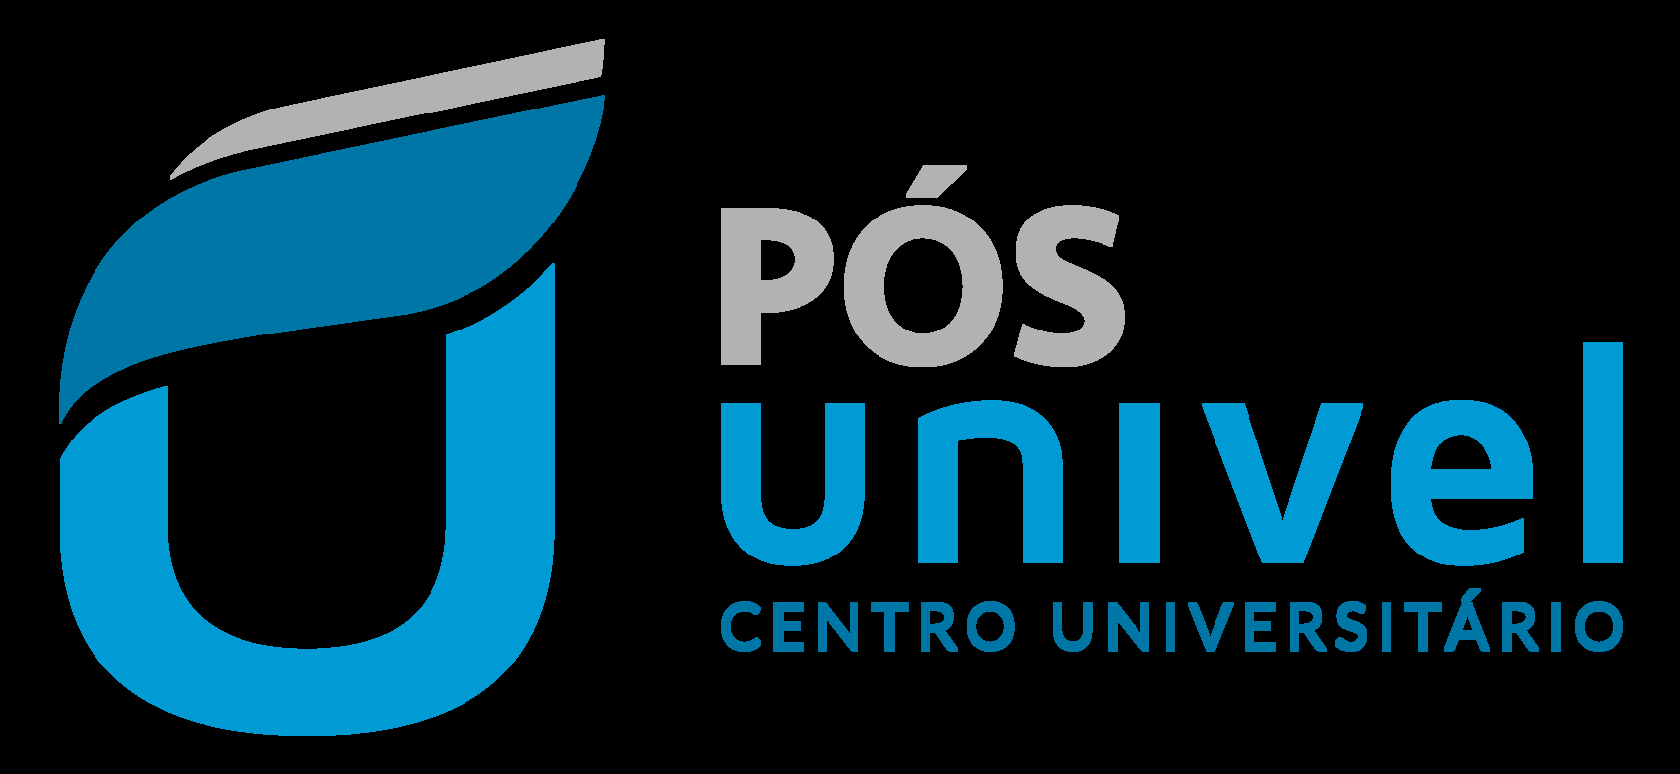 Pós-Graduação Univel